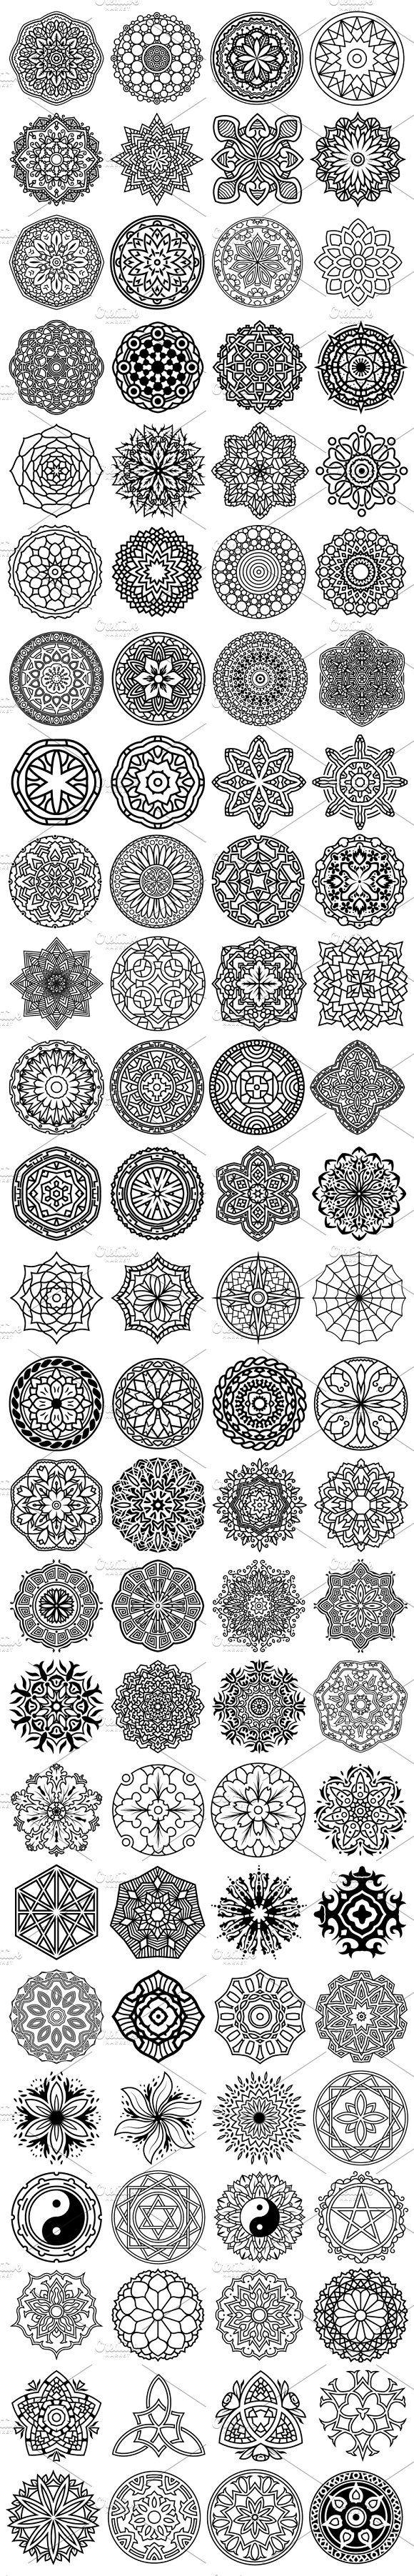 100 Vector Mandala Ornaments - Illustrations